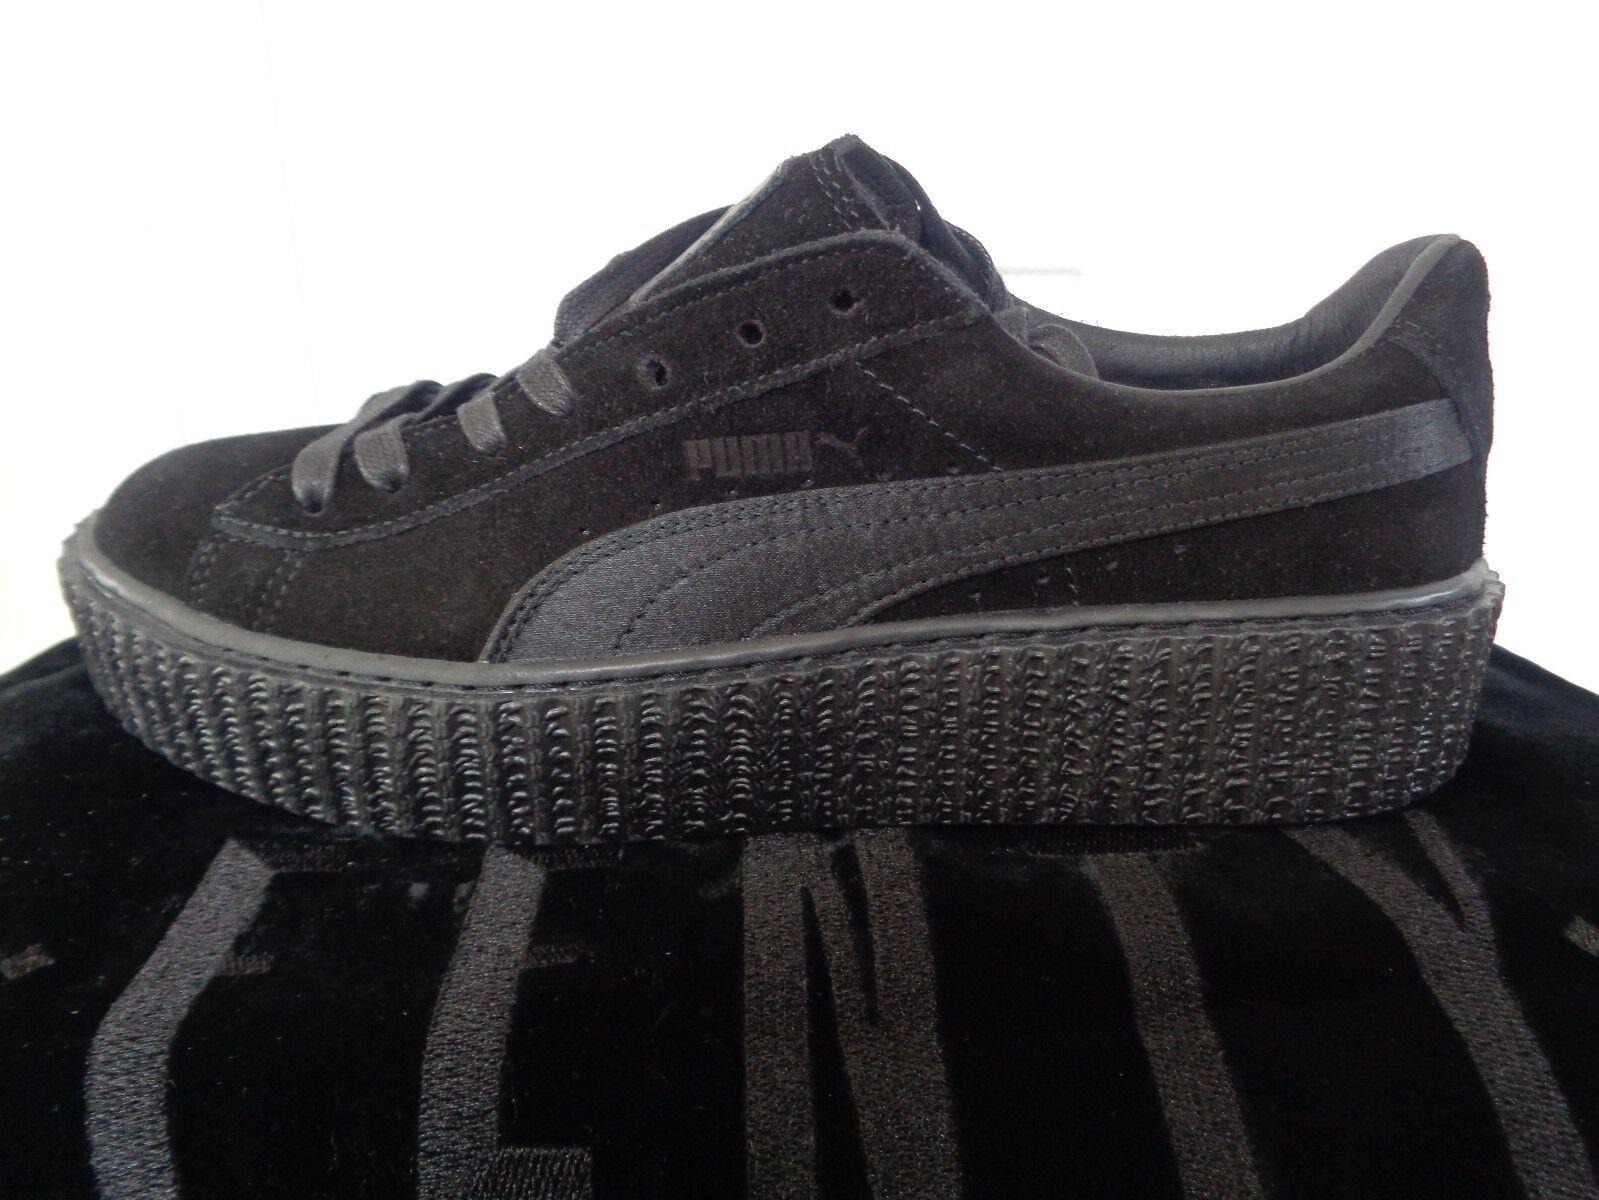 Puma Fenty Creeper by Rihanna shoes trainers 362268 01 eu 41 us 10 NEW